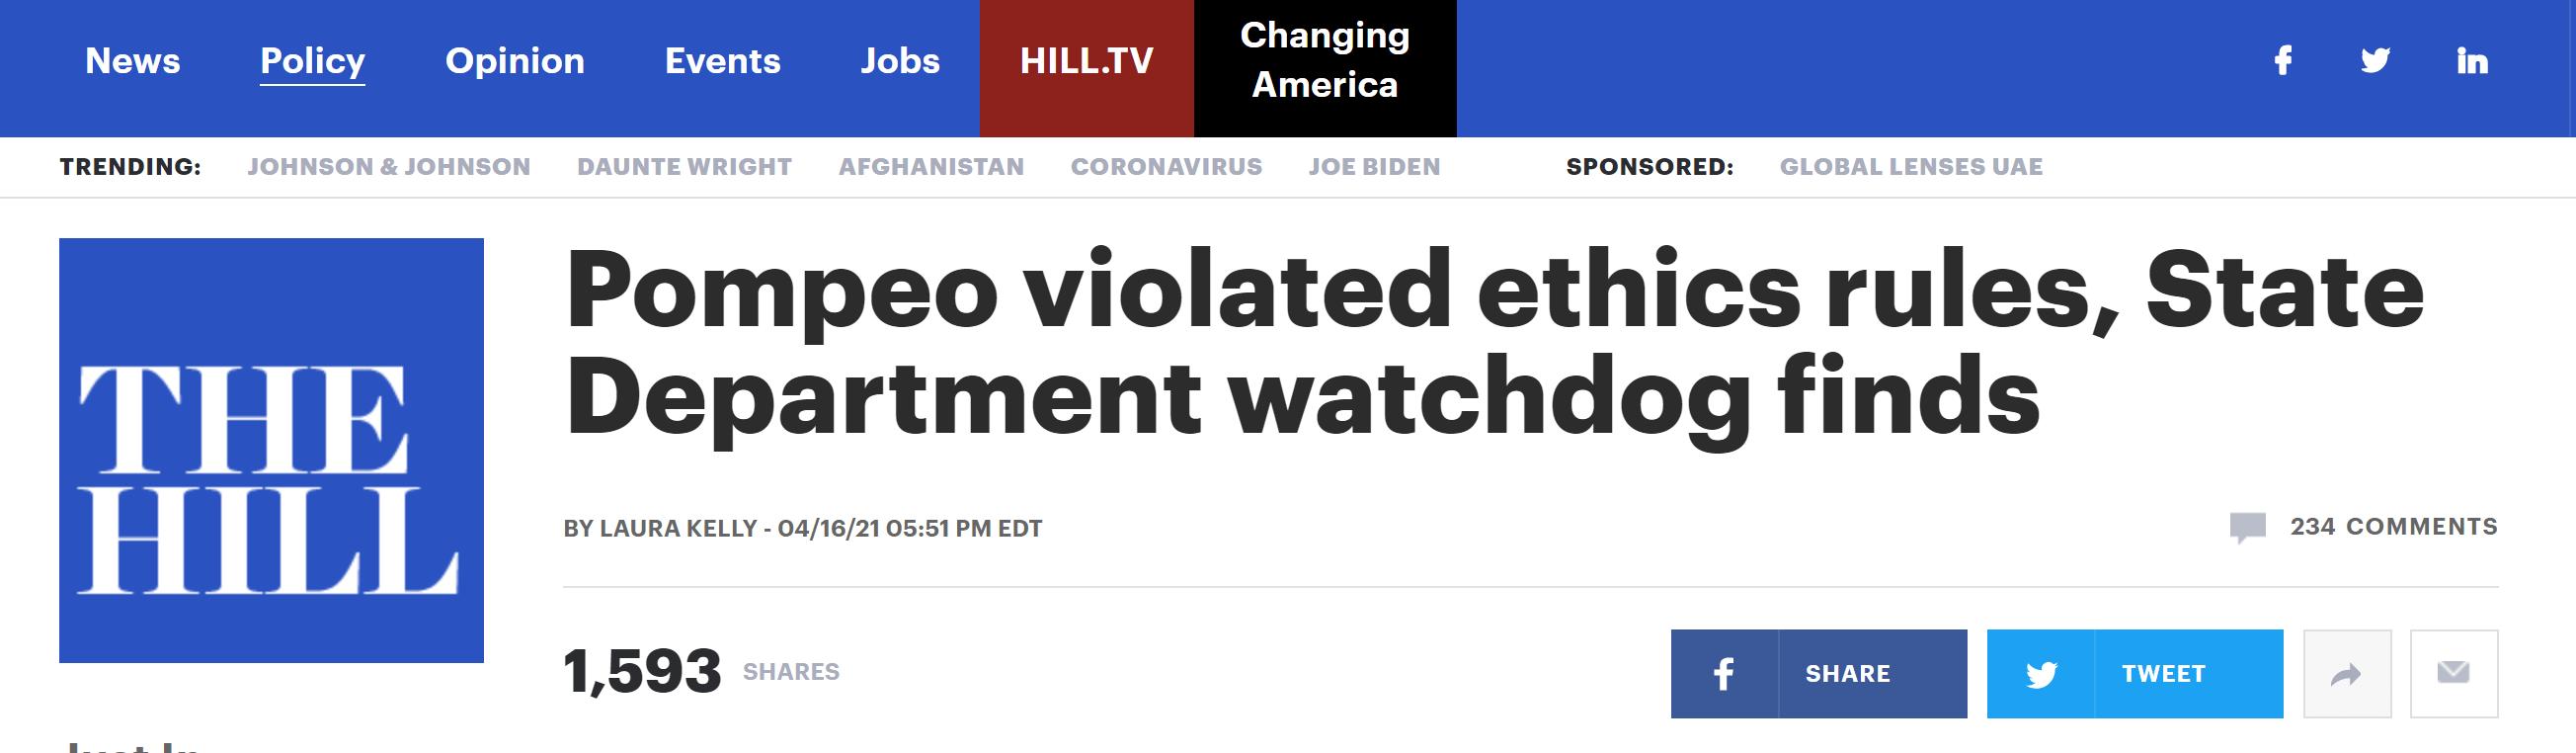 美国务院调查报告出了:蓬佩奥与妻子曾要求员工帮办私事超100次,涉嫌违反道德准则